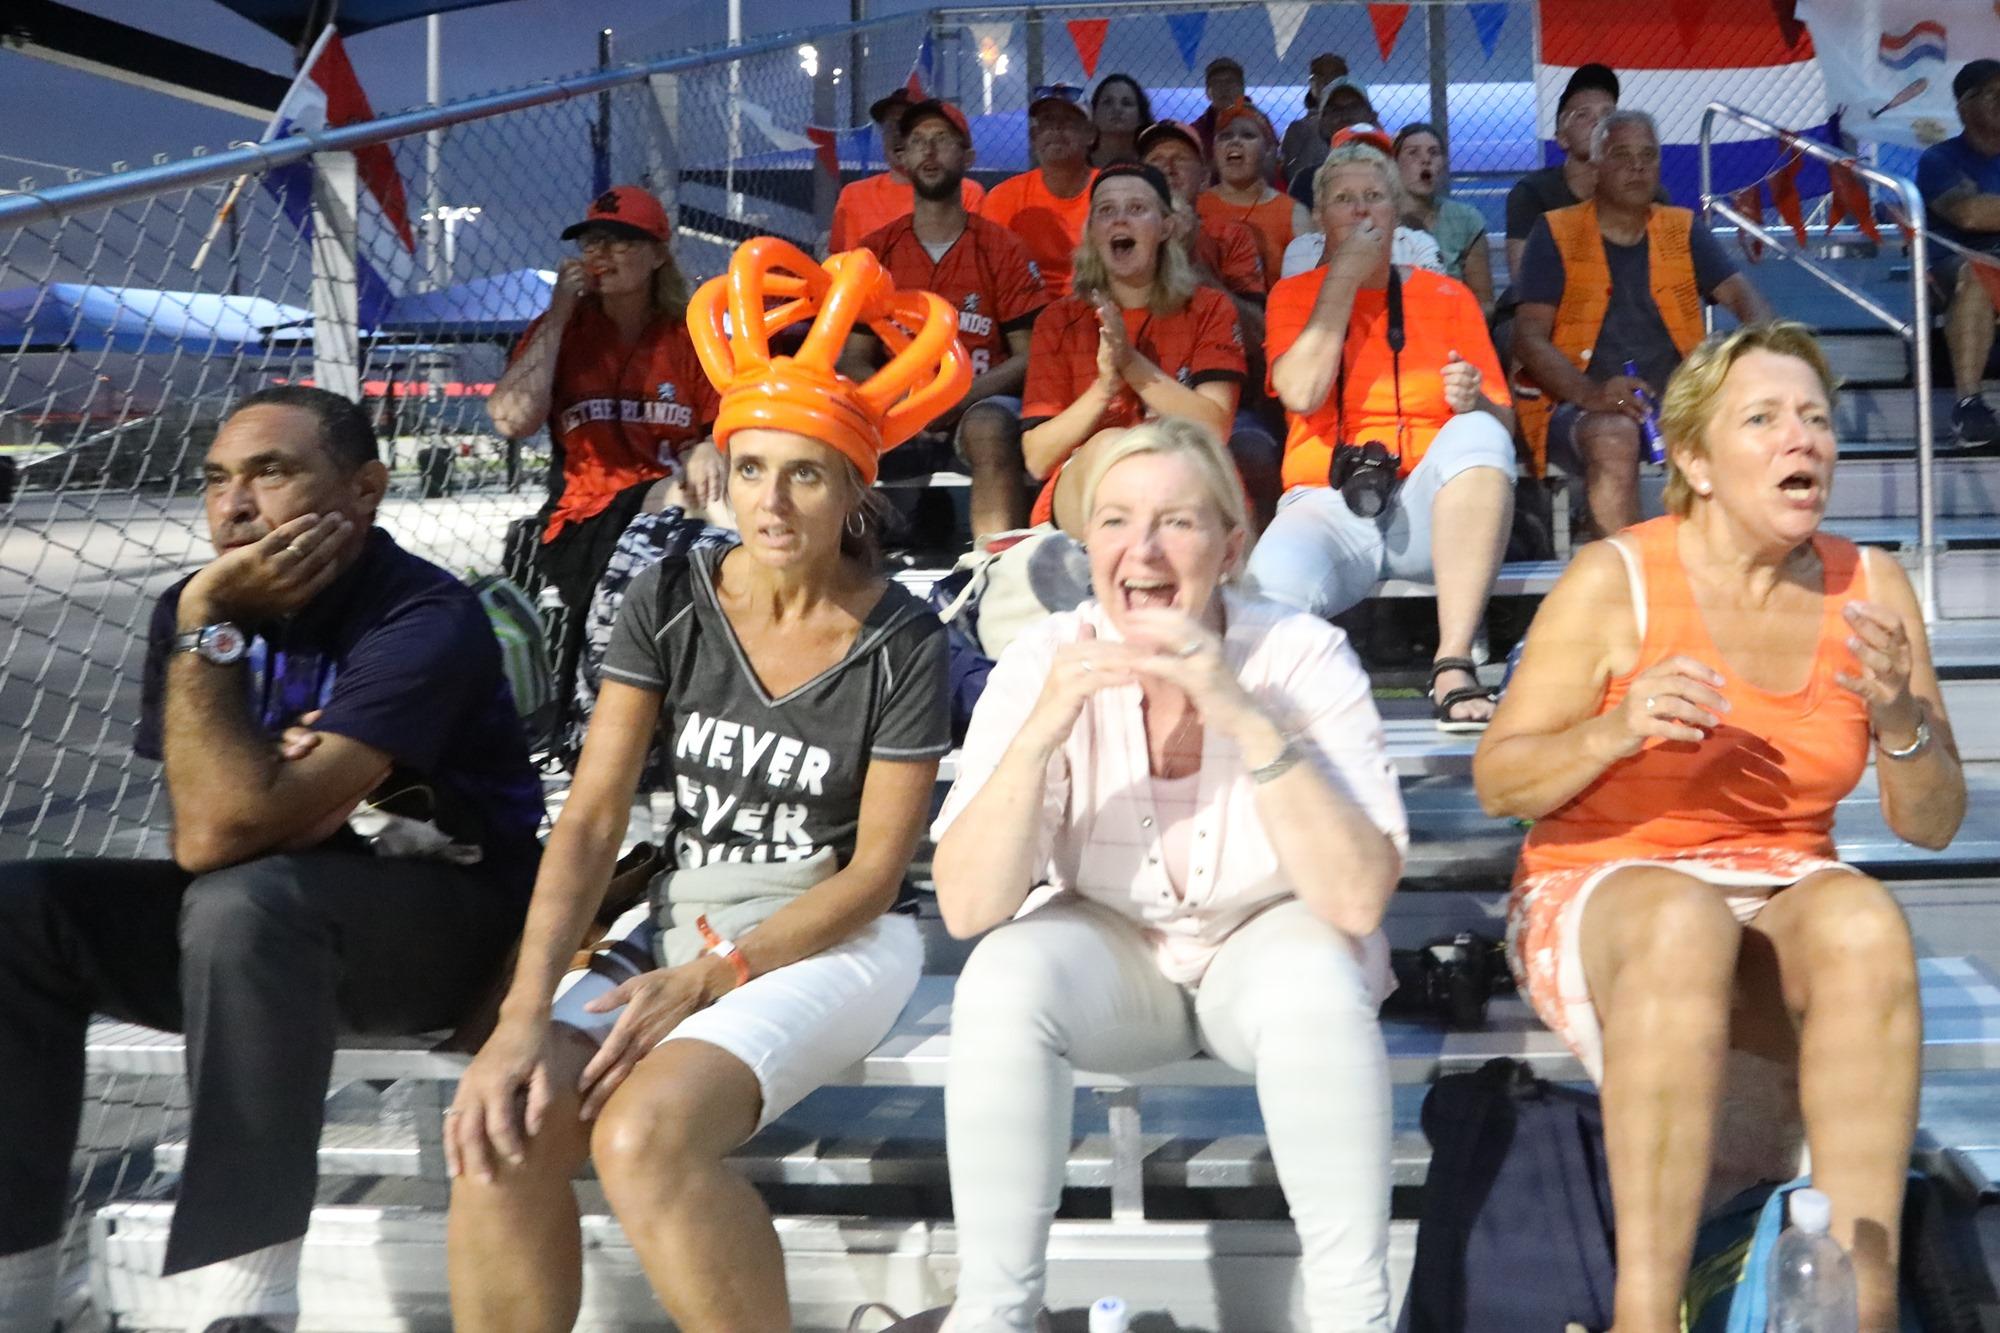 Dutch fans in Viera